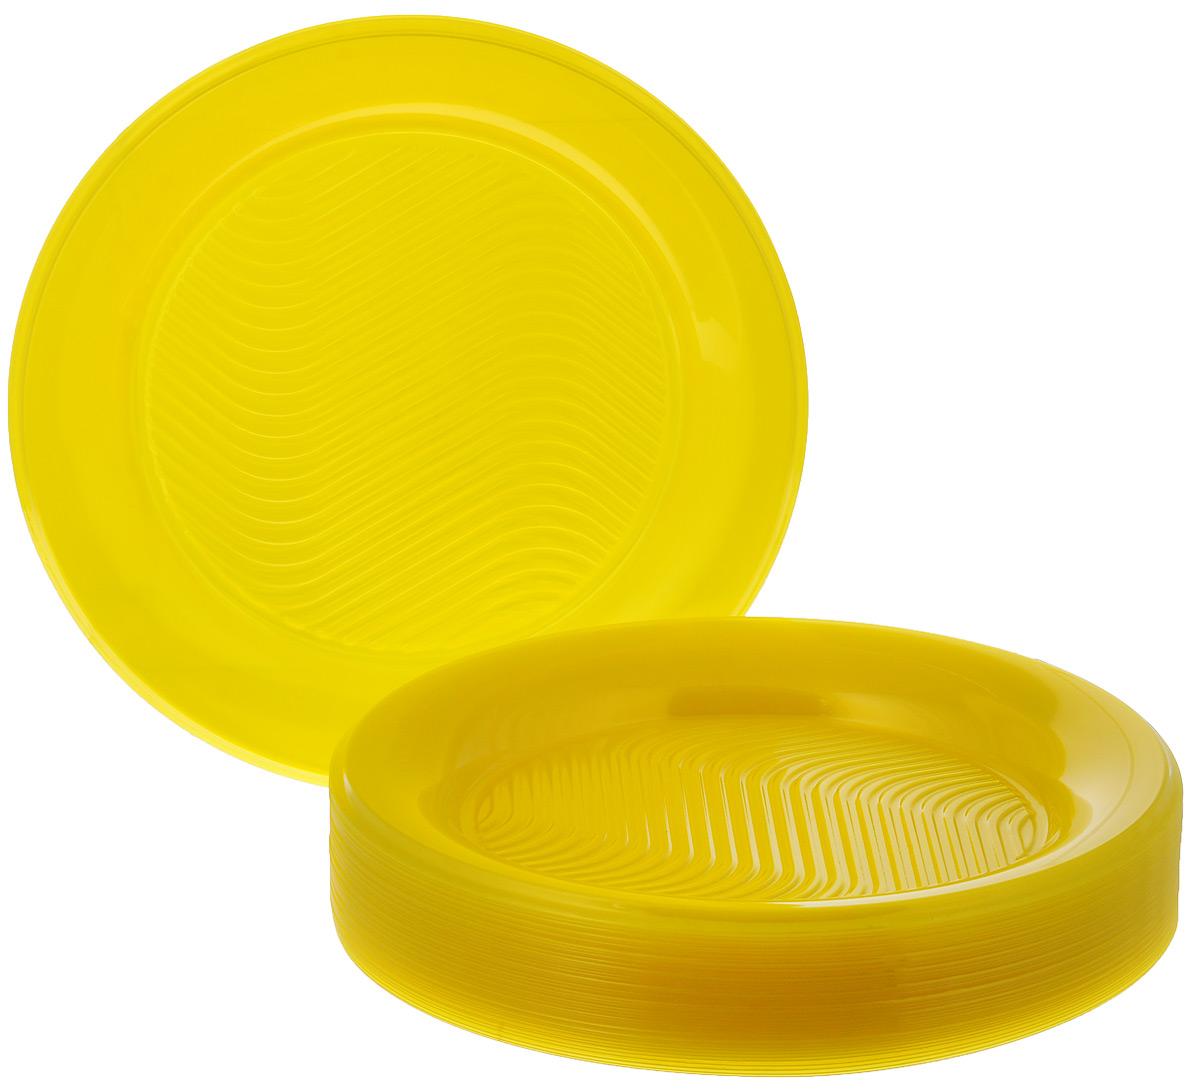 Набор одноразовых тарелок Huhtamaki Super Party, диаметр 21,5 см, 50 штПОС08724Набор Huhtamaki Super Party состоит из 50 круглых тарелок, выполненных из высококачественного пластика и предназначенных для одноразового использования. Одноразовые тарелки будут незаменимы в поездках на природу, пикниках и других мероприятиях. Они не займут много места, легки и самое главное - после использования их не надо мыть. Не использовать в микроволновой печи. Диаметр тарелки (по верхнему краю): 21,5 см. Высота тарелки: 2 см.